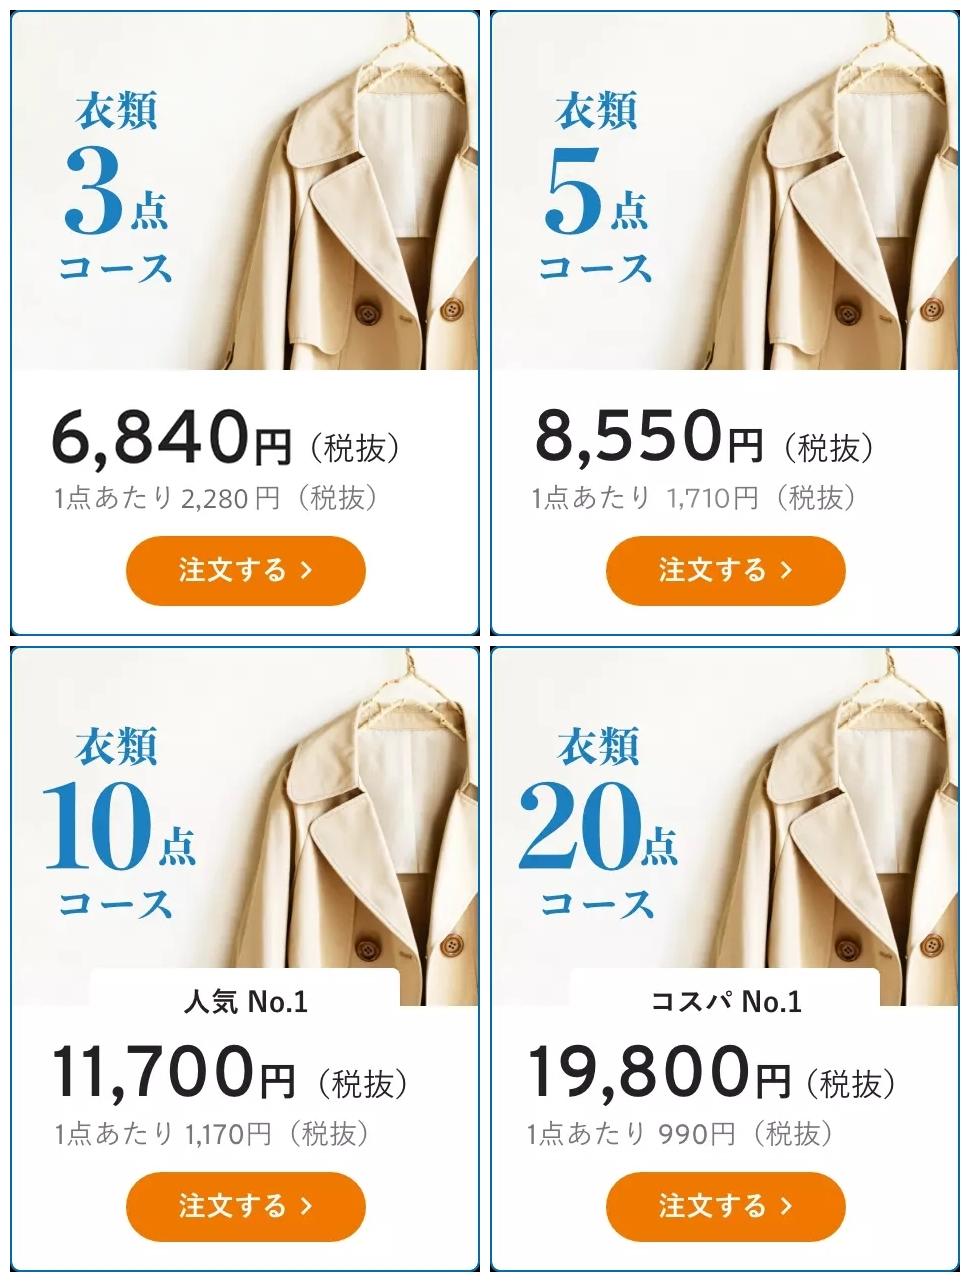 リナビス 2020年12月衣類クリーニング パック料金